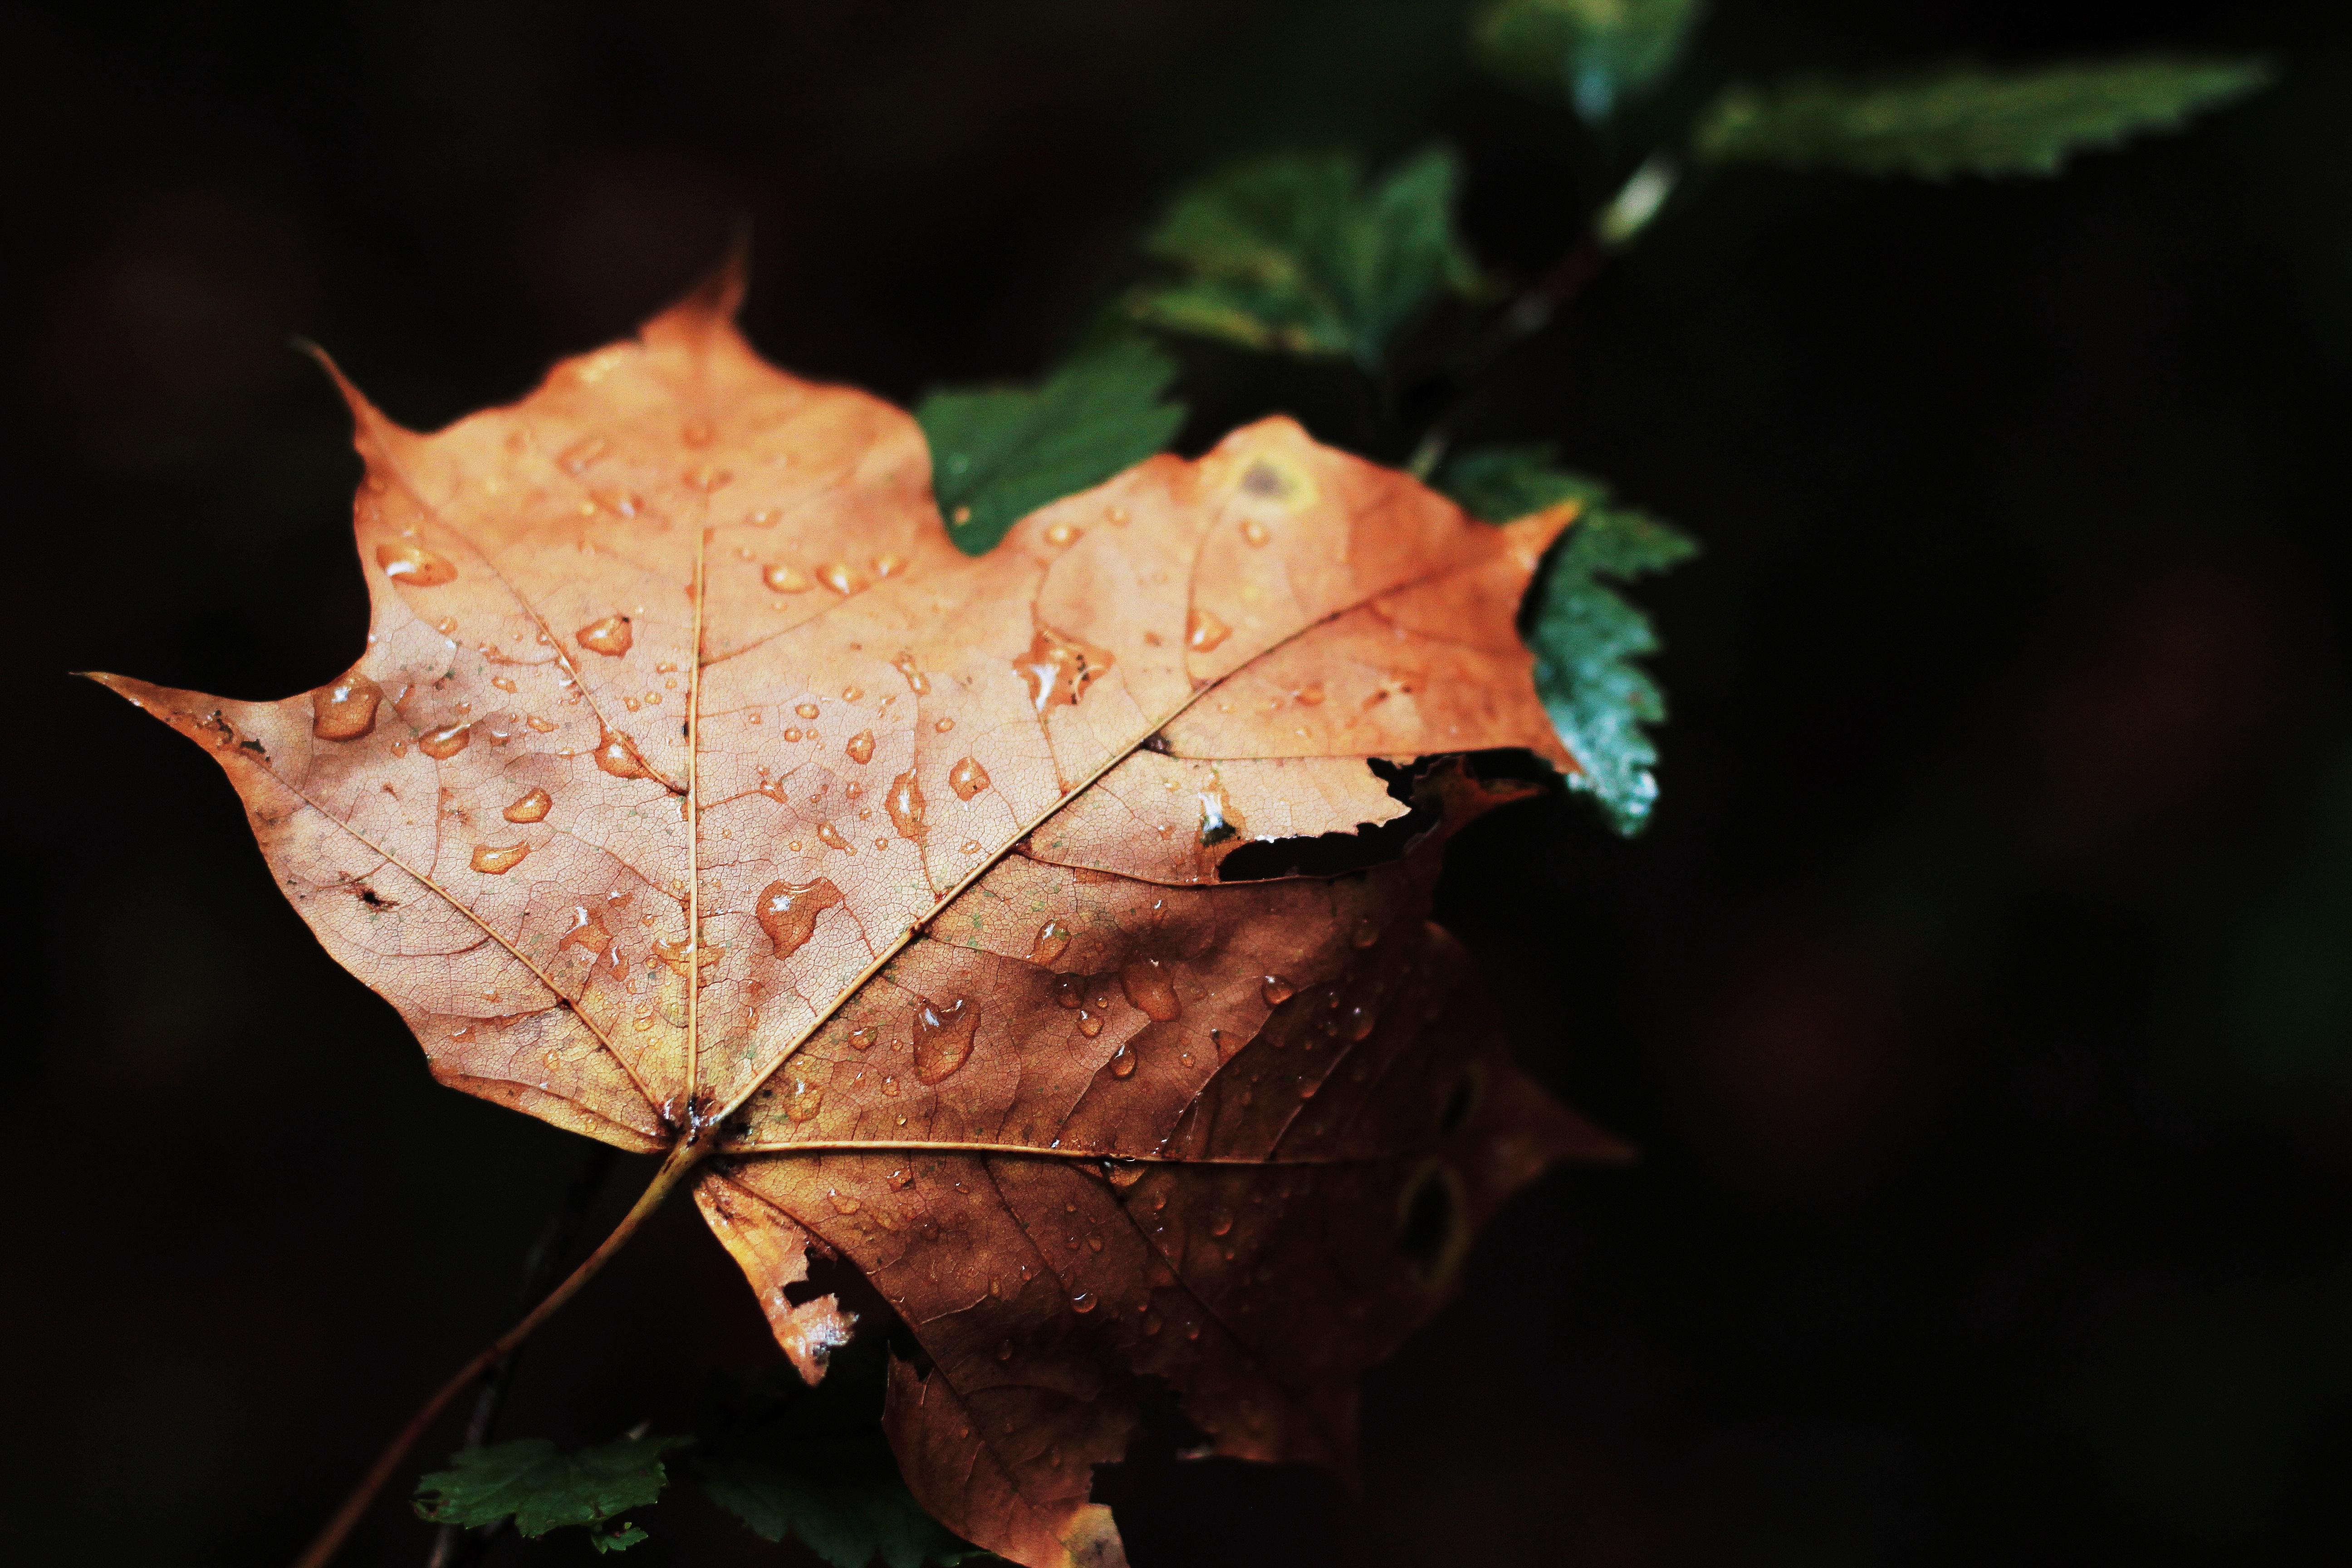 Ein mit Regentropfen benetztes Ahornblatt.